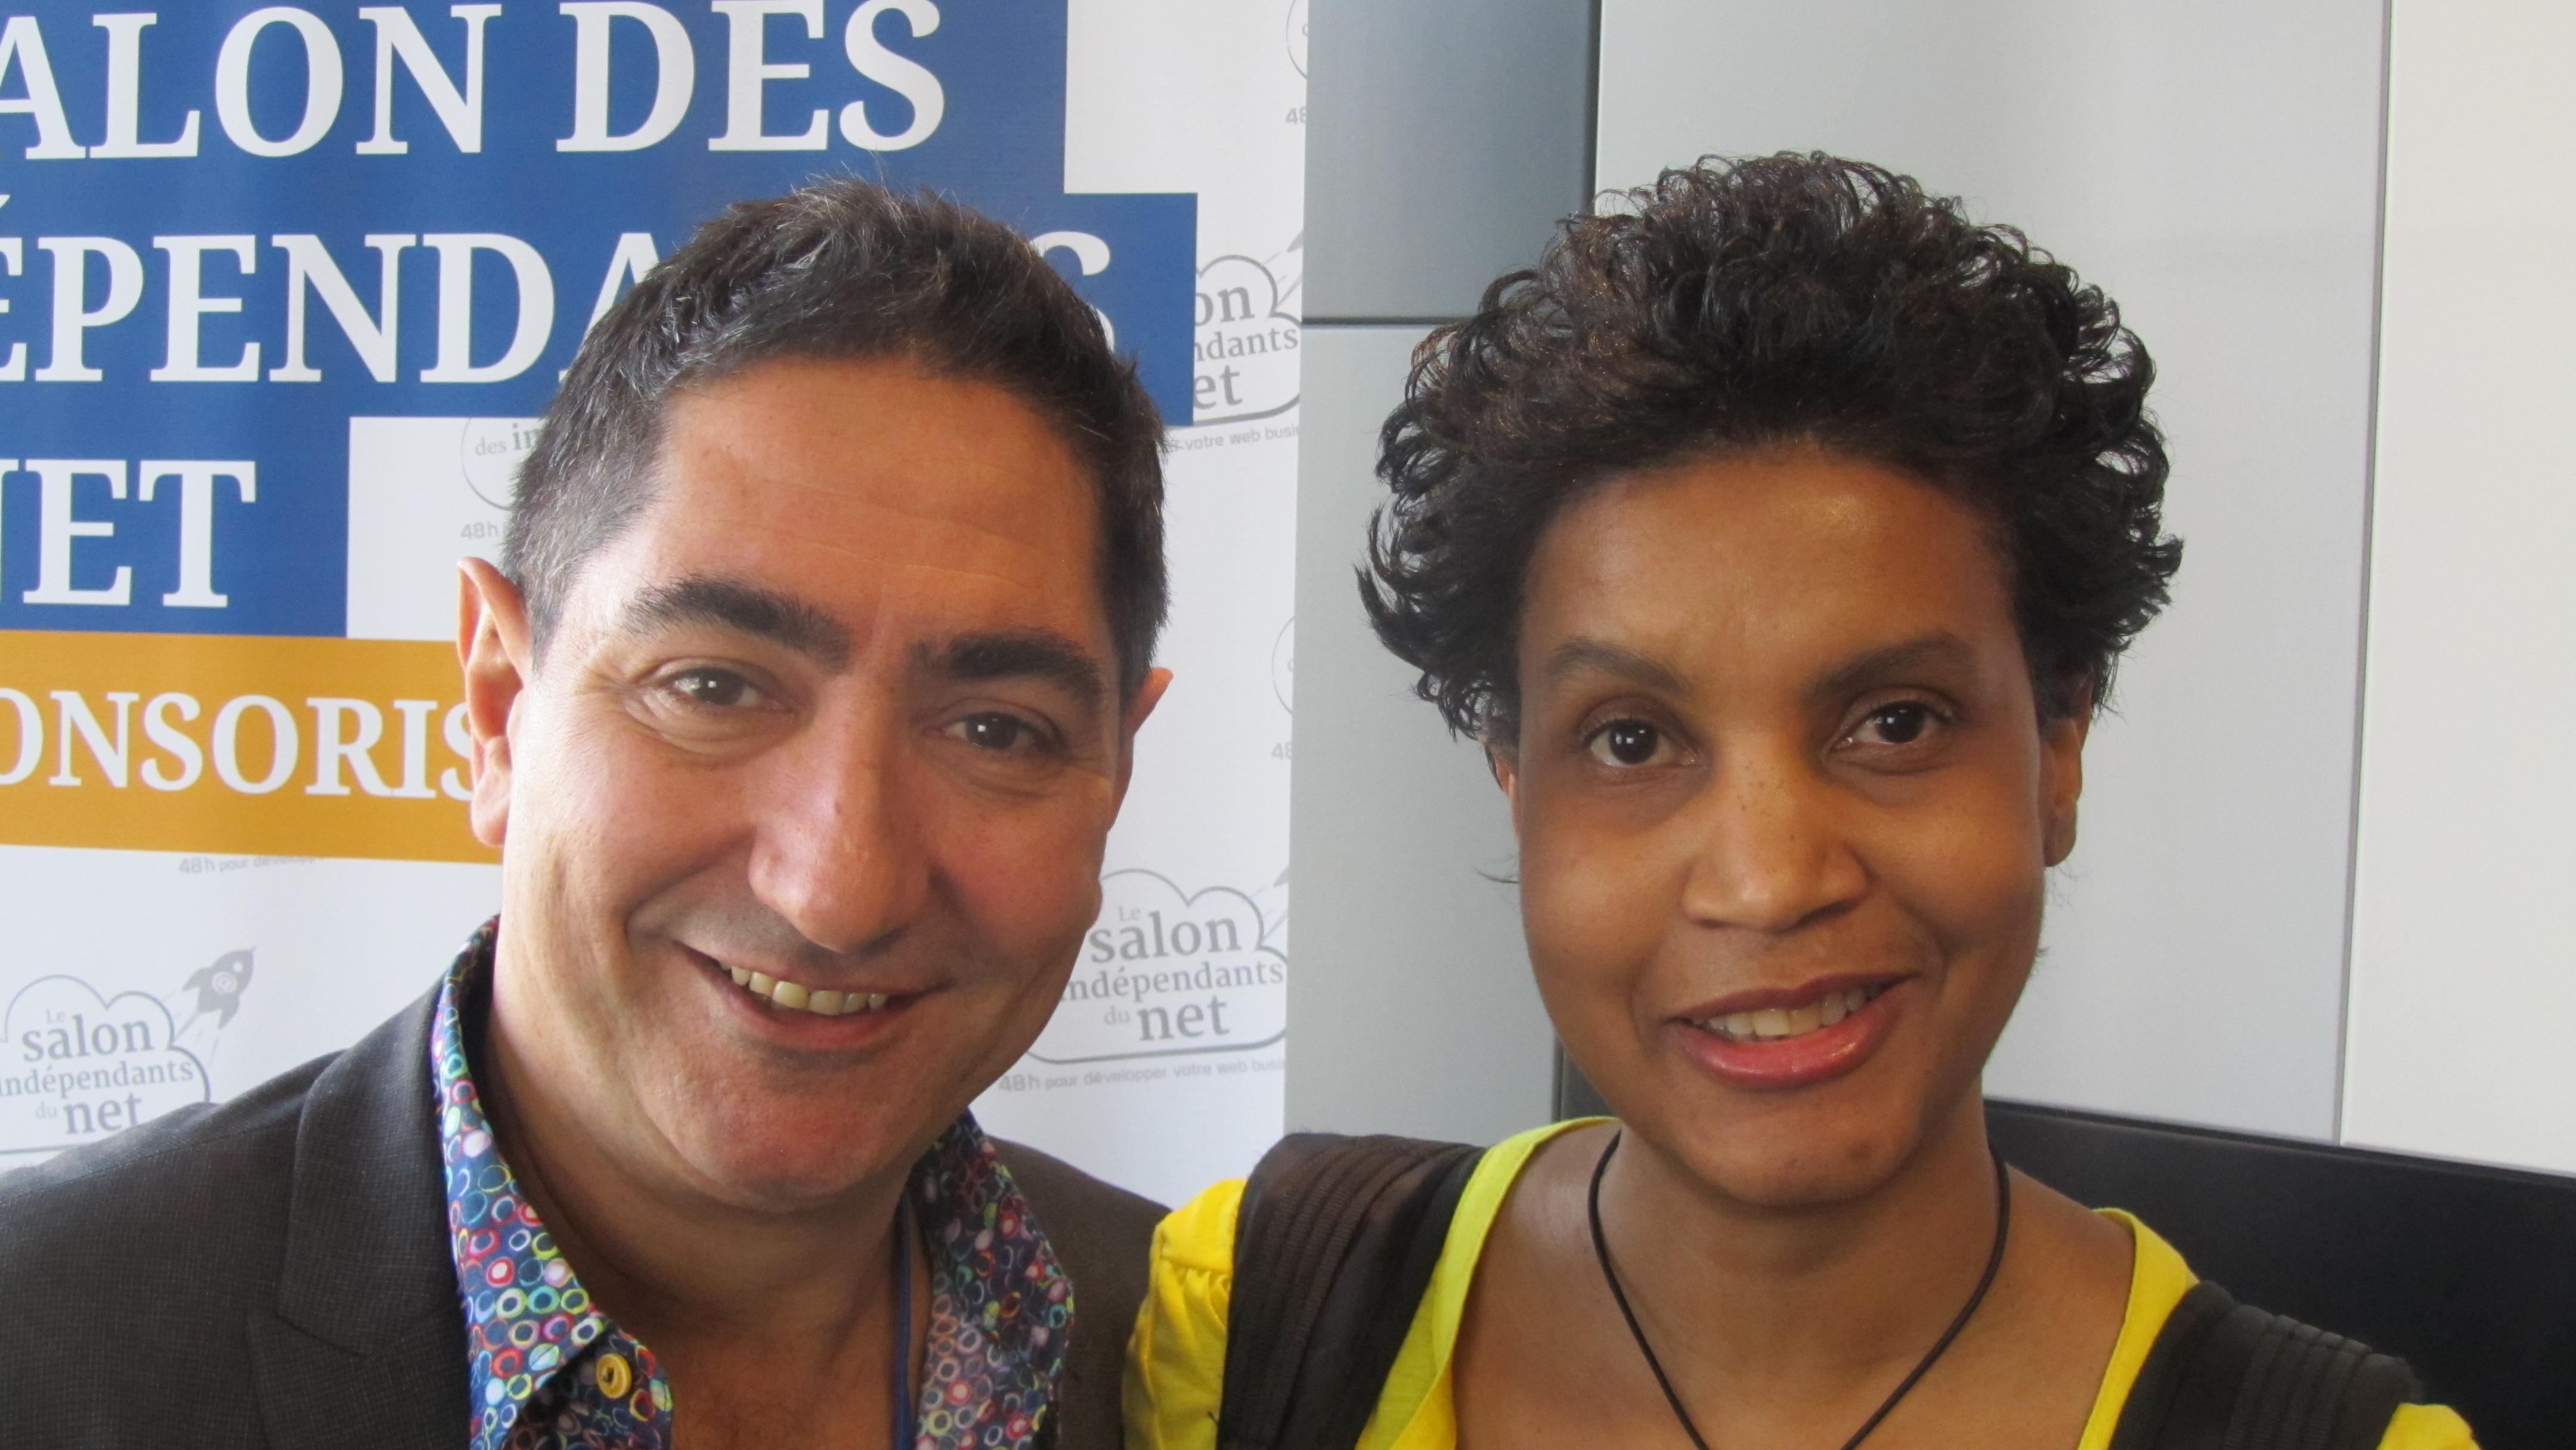 Lorenzo PANCINO et Yveline. Atelier: comment vendre votre passion ou expertise, de manière automatique sur Internet.